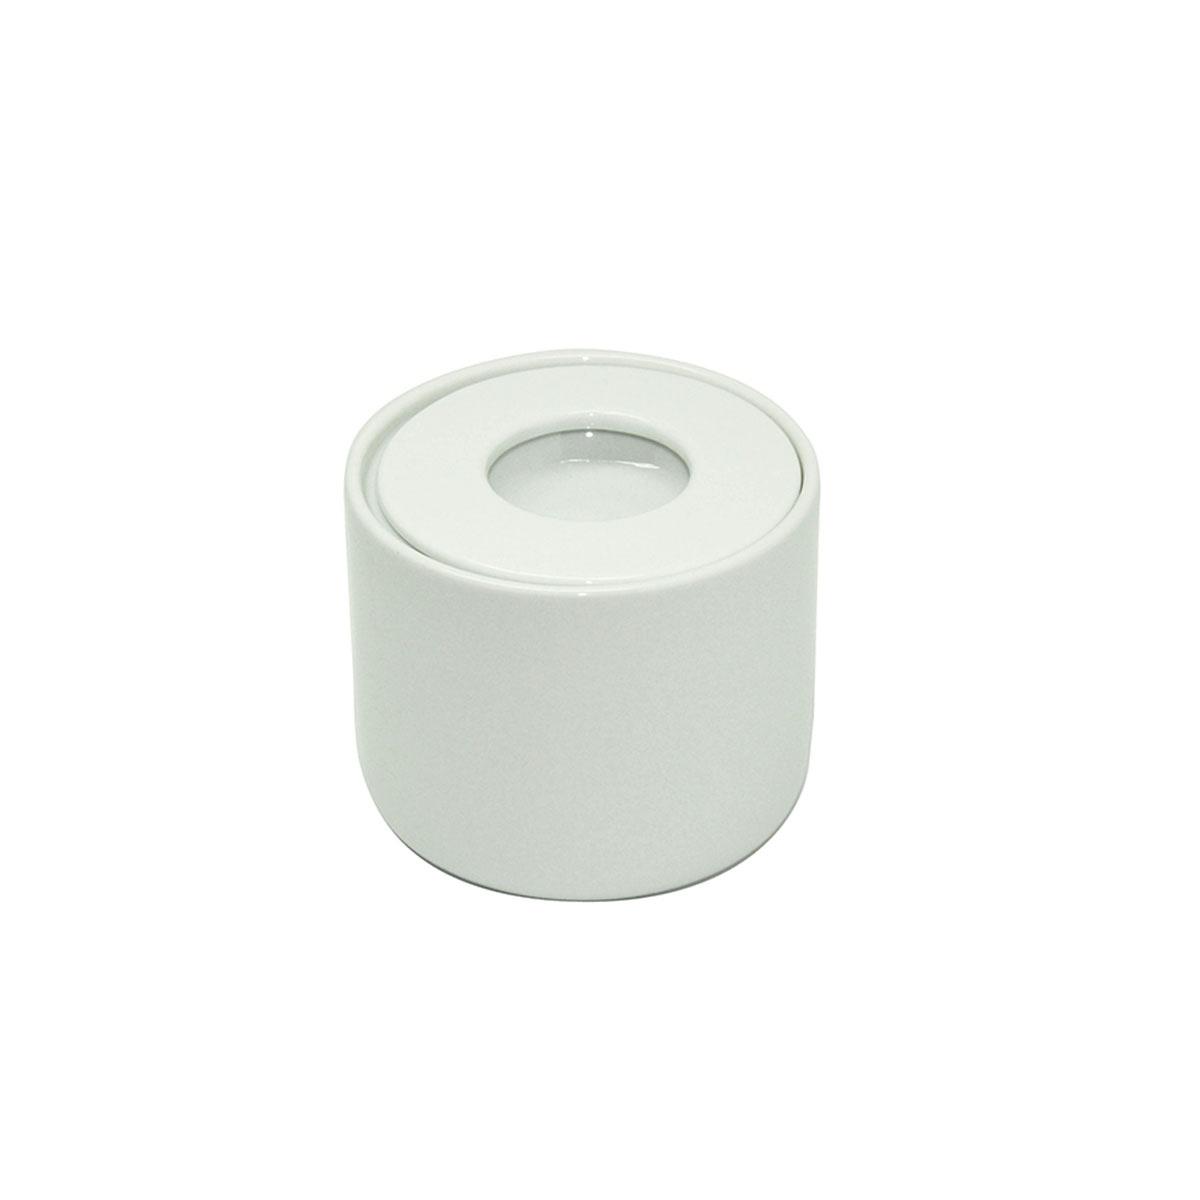 Pot à coton en porcelaine (Blanc)